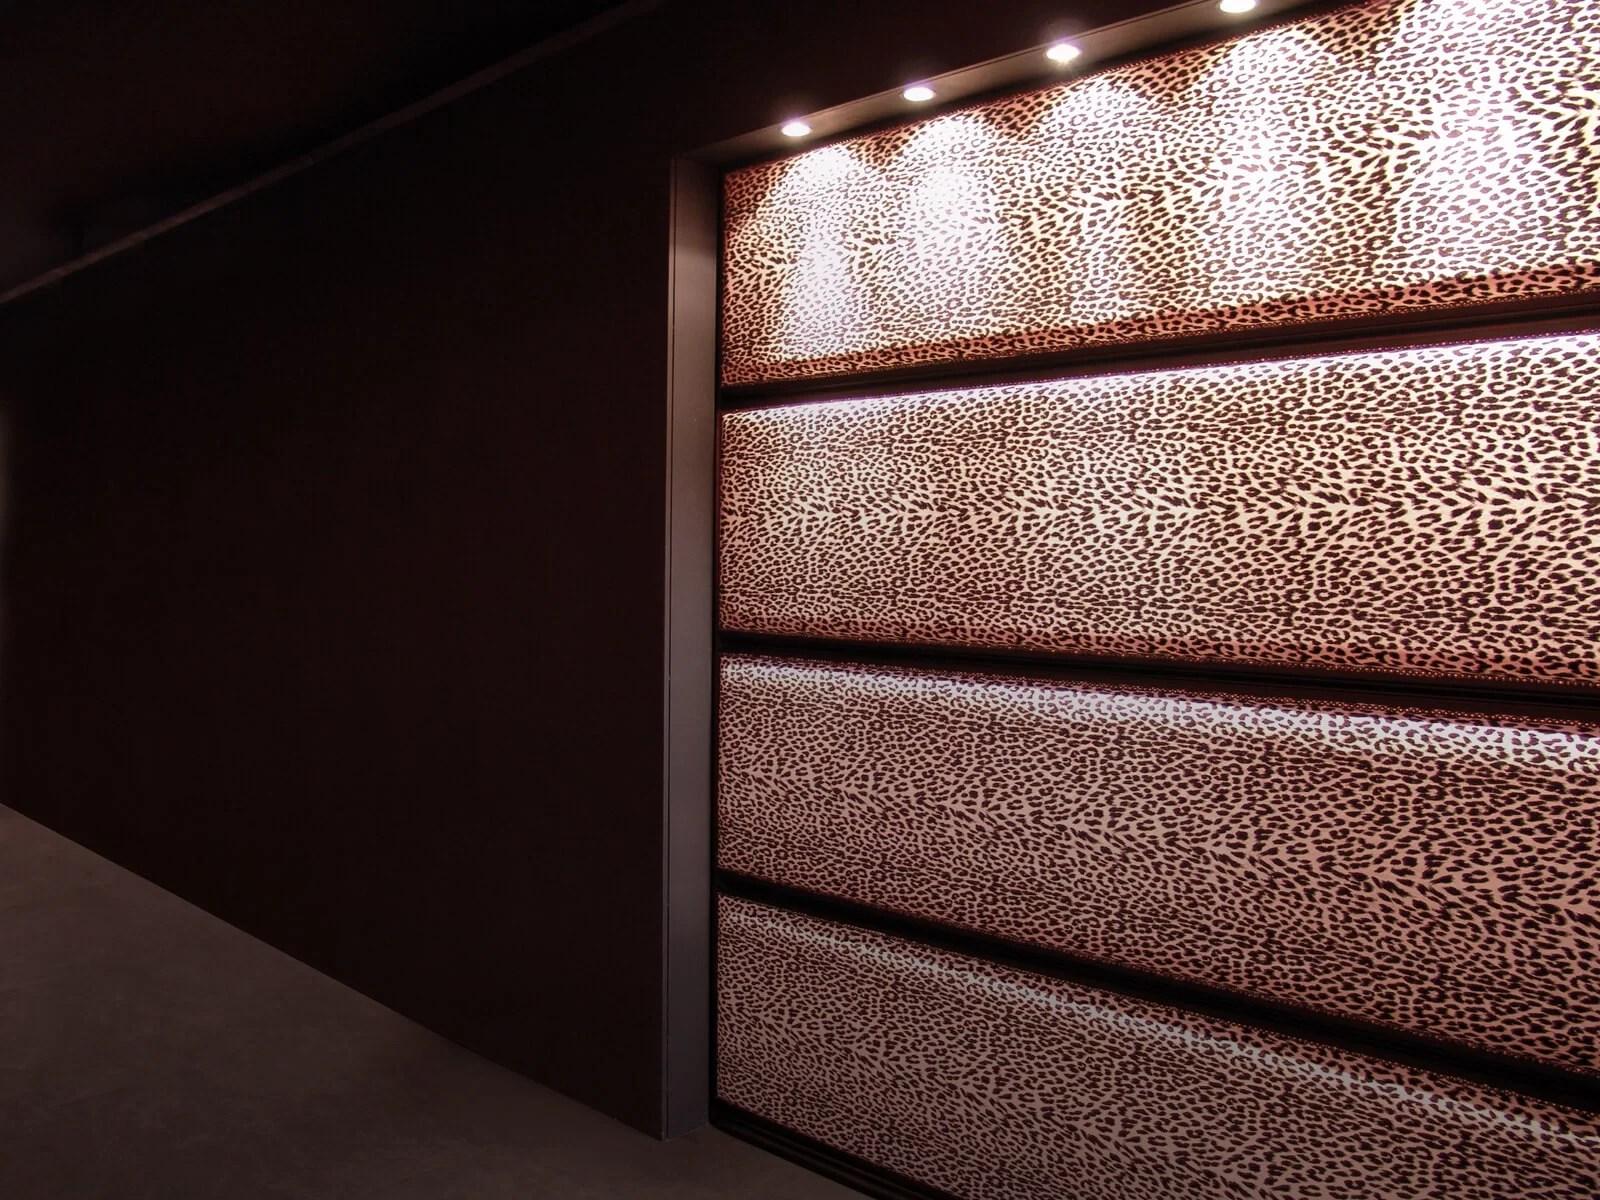 Portone di design Le Perle TEXTILE JEWELS - Tessuto leopardato